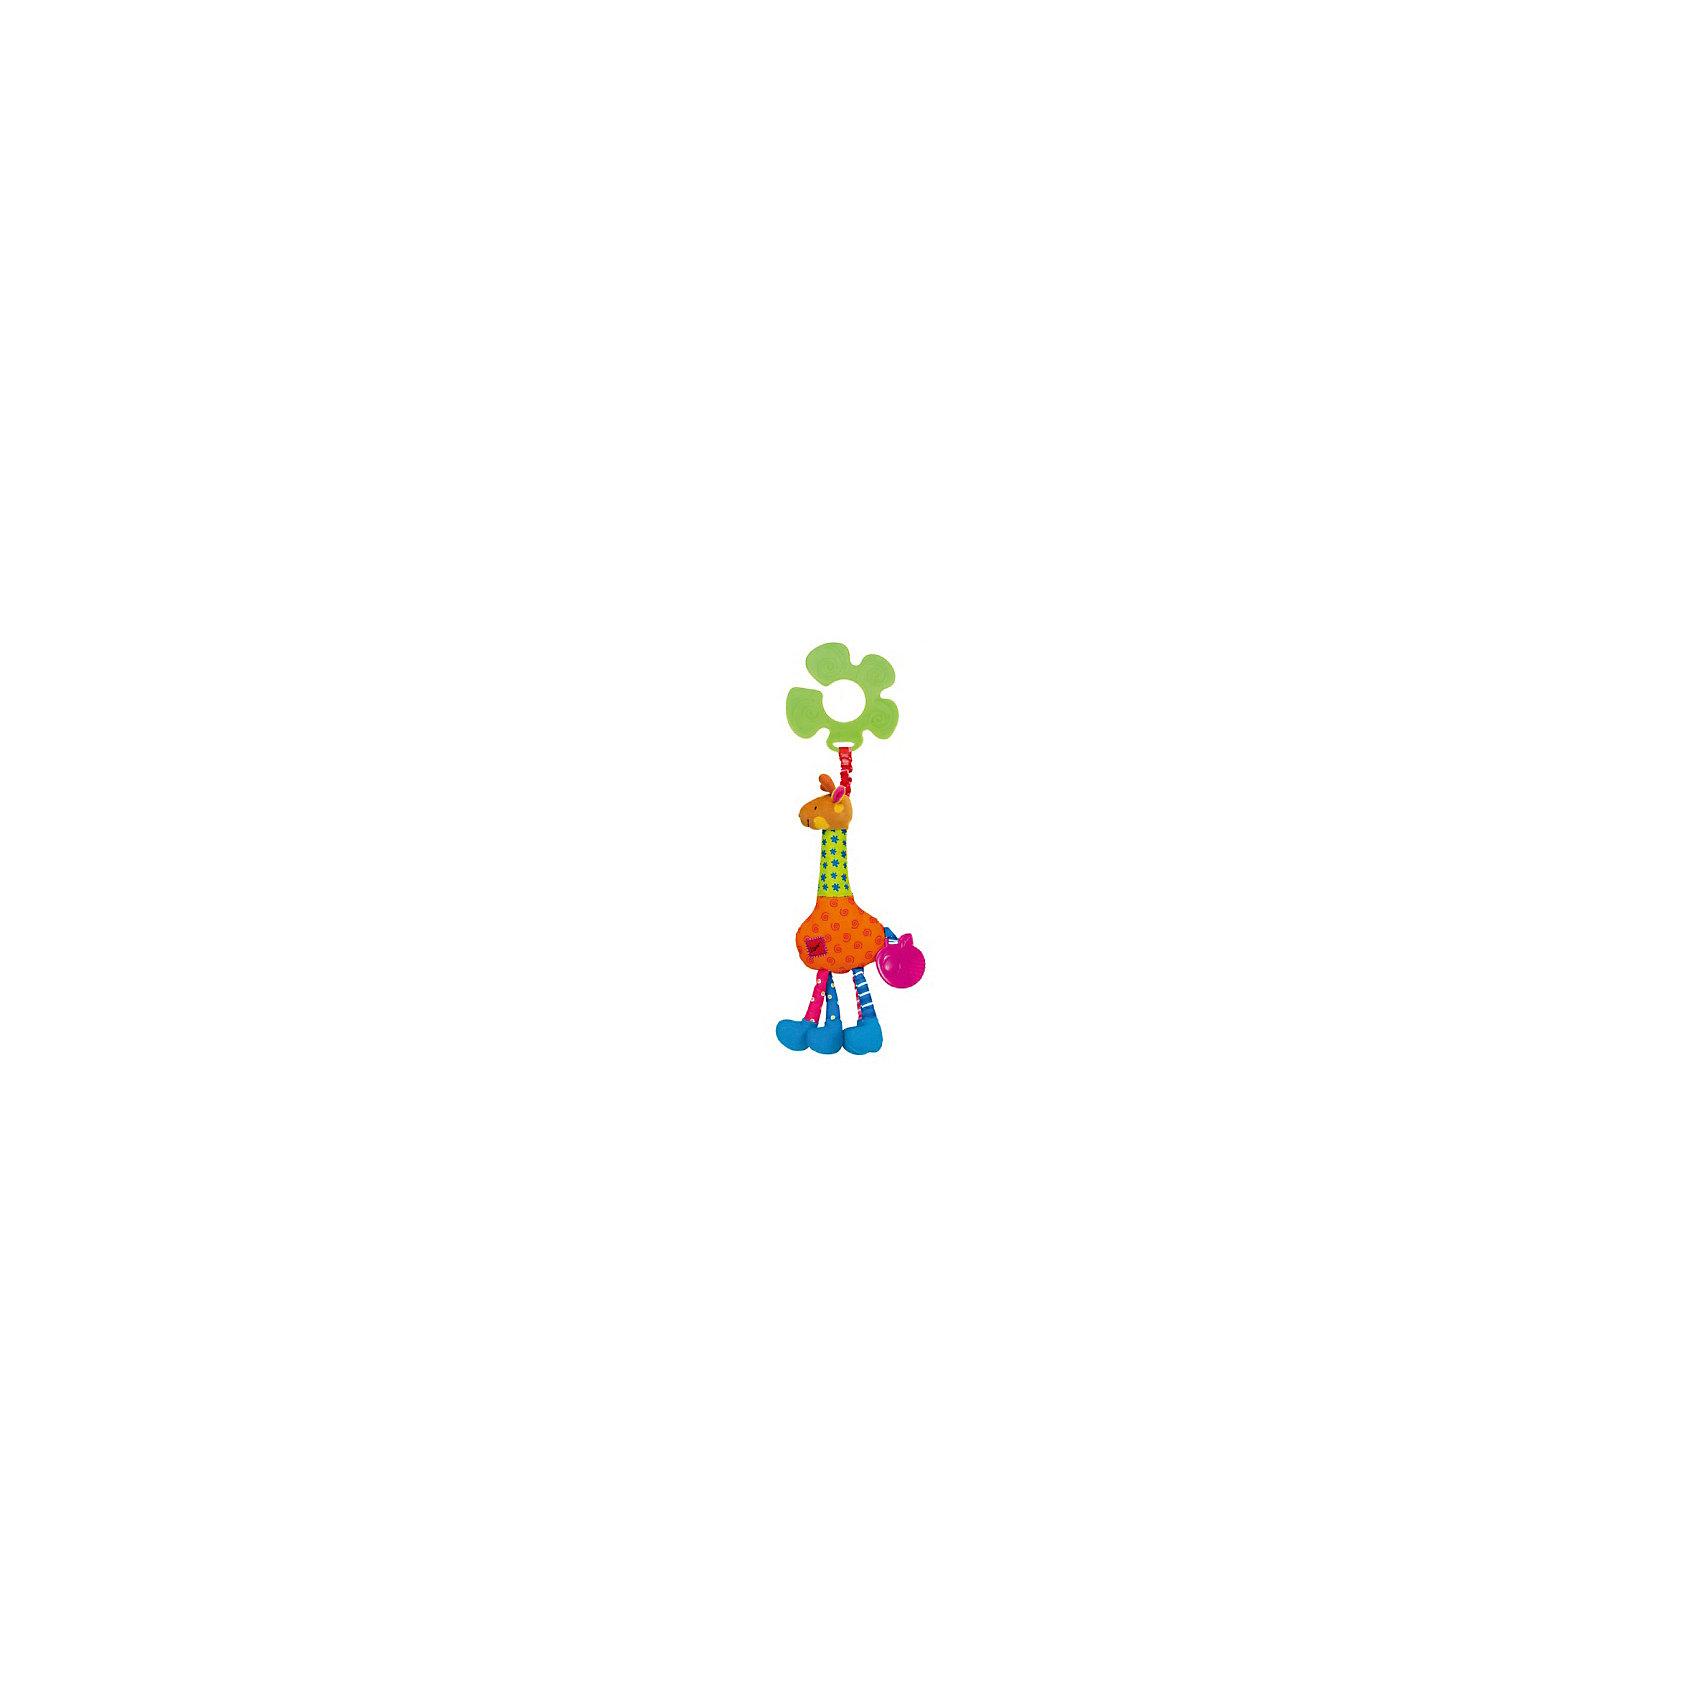 Жираф Игорь подвеска, Ks KidsПодвески<br>Жираф Игорь подвеска, Ks Kids (Кс Кидс) ? развивающая игрушка-подвеска, предназначенная для детей с самого рождения. Подвеска выполнена в форме знаменитого персонажа Кс Кидс ? забавного жирафа Игоря. <br>У жирафа все элементы тела имеют различные звуковые эффекты: каждая из четырех ног издает свои звуки, если их сжать или потереть (шуршание, хруст), в голове ? погремушка, пищалка ? в животе, а на хвосте ? резиновый прорезыватель в форме зеленого яблока. Каждый элемент жирафа выполнен из ярких текстильных деталей с различными простейшими рисунками (горошинки, звездочки, полосочки, спиральки). К пластиковому кольцу-держателю Игорь прикреплен яркой широкой резинкой. Если резинку оттянуть, при возвращении ее в исходное состояние, жираф будет слегка вибрировать. Саму игрушку можно подвешивать к абсолютно любому поручню: будь то коляска, кроватка, автокресло, стульчик для кормления или дуга от любого развивающего коврика. <br>Игрушка изготовлена из высококачественного гипоаллергенного текстильного материала.<br>Все элементы Жирафа Игоря подвески, Ks Kids (Кс Кидс) направлены на сенсомоторное развитие вашего малыша. <br><br>Дополнительная информация:<br><br>- Вид игр: развивающие<br>- Предназначение: для дома, для прогулки<br>- Материал: текстиль, пластик<br>- Размер: 12*33*3 см<br>- Вес: 150 г<br>- Особенности ухода: можно стирать в щадящем режиме<br><br>Подробнее:<br><br>• Для детей в возрасте: от 0 месяцев до 1 года<br>• Страна производитель: Китай<br>• Торговый бренд: Ks Kids (Кс Кидс)<br><br>Жирафа Игоря подвеску, Ks Kids (Кс Кидс) можно купить в нашем интернет-магазине.<br><br>Ширина мм: 120<br>Глубина мм: 330<br>Высота мм: 30<br>Вес г: 150<br>Возраст от месяцев: 0<br>Возраст до месяцев: 12<br>Пол: Унисекс<br>Возраст: Детский<br>SKU: 4799441